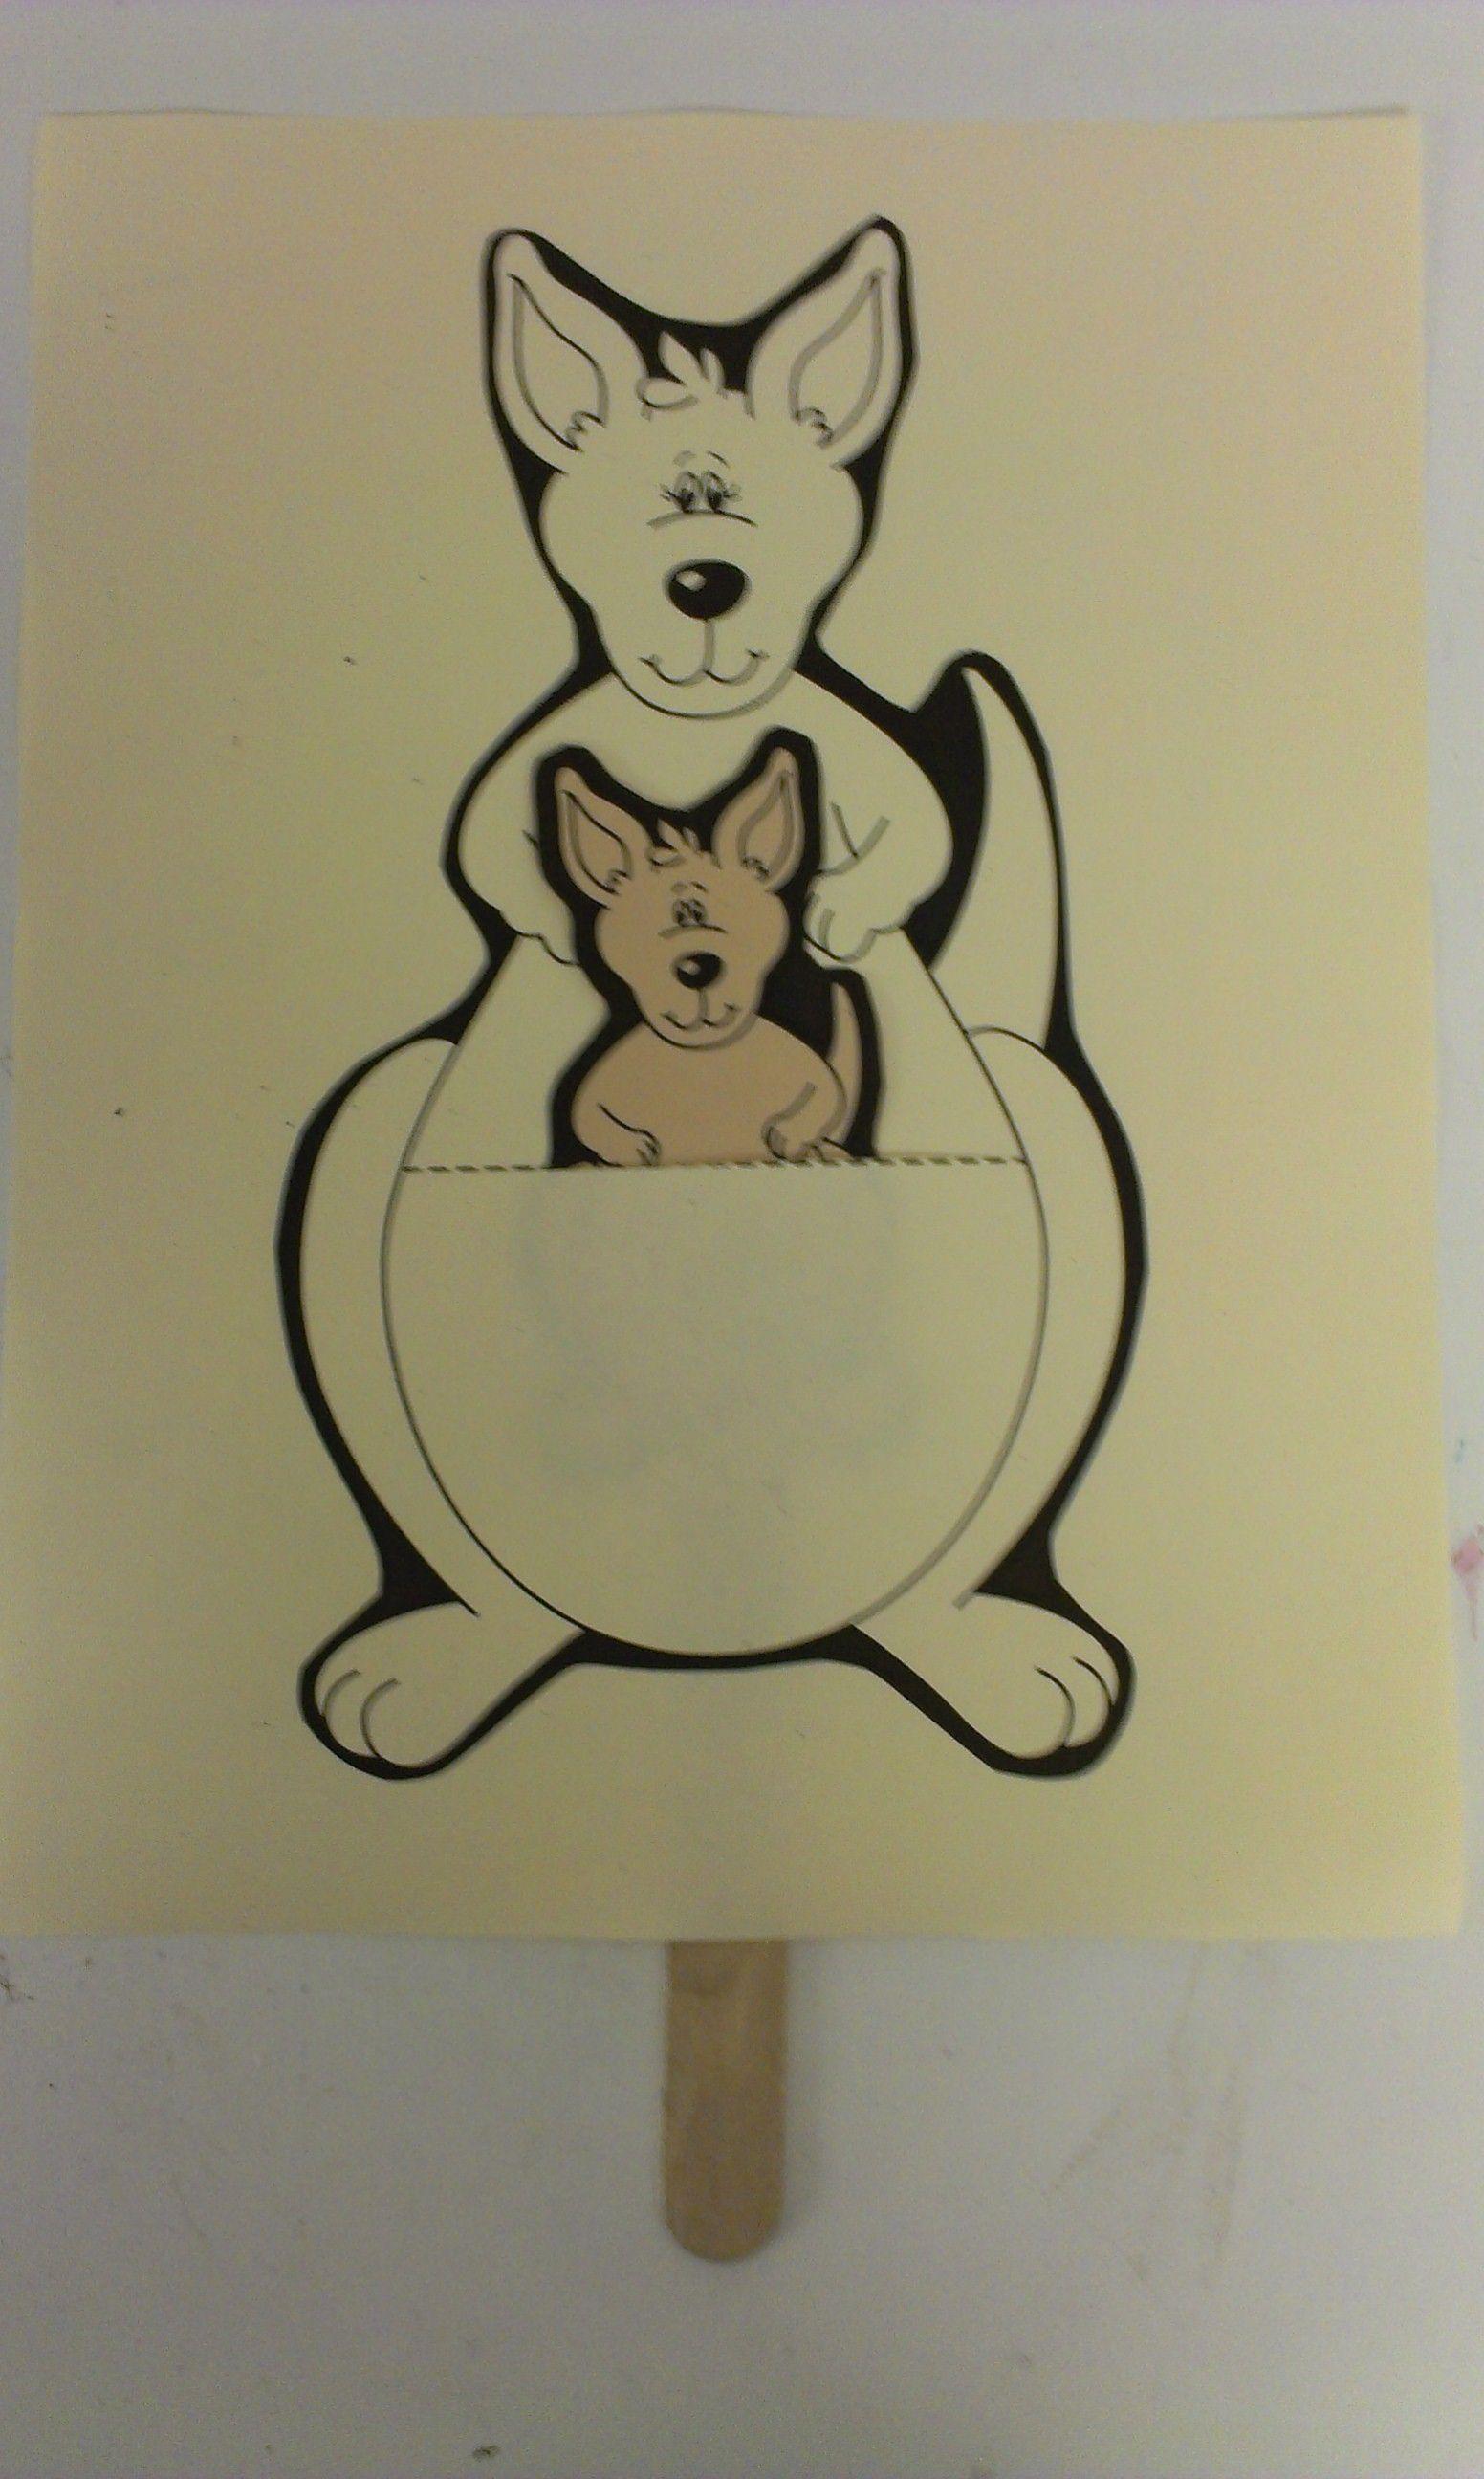 Kangaroo Craft For Preschoolers